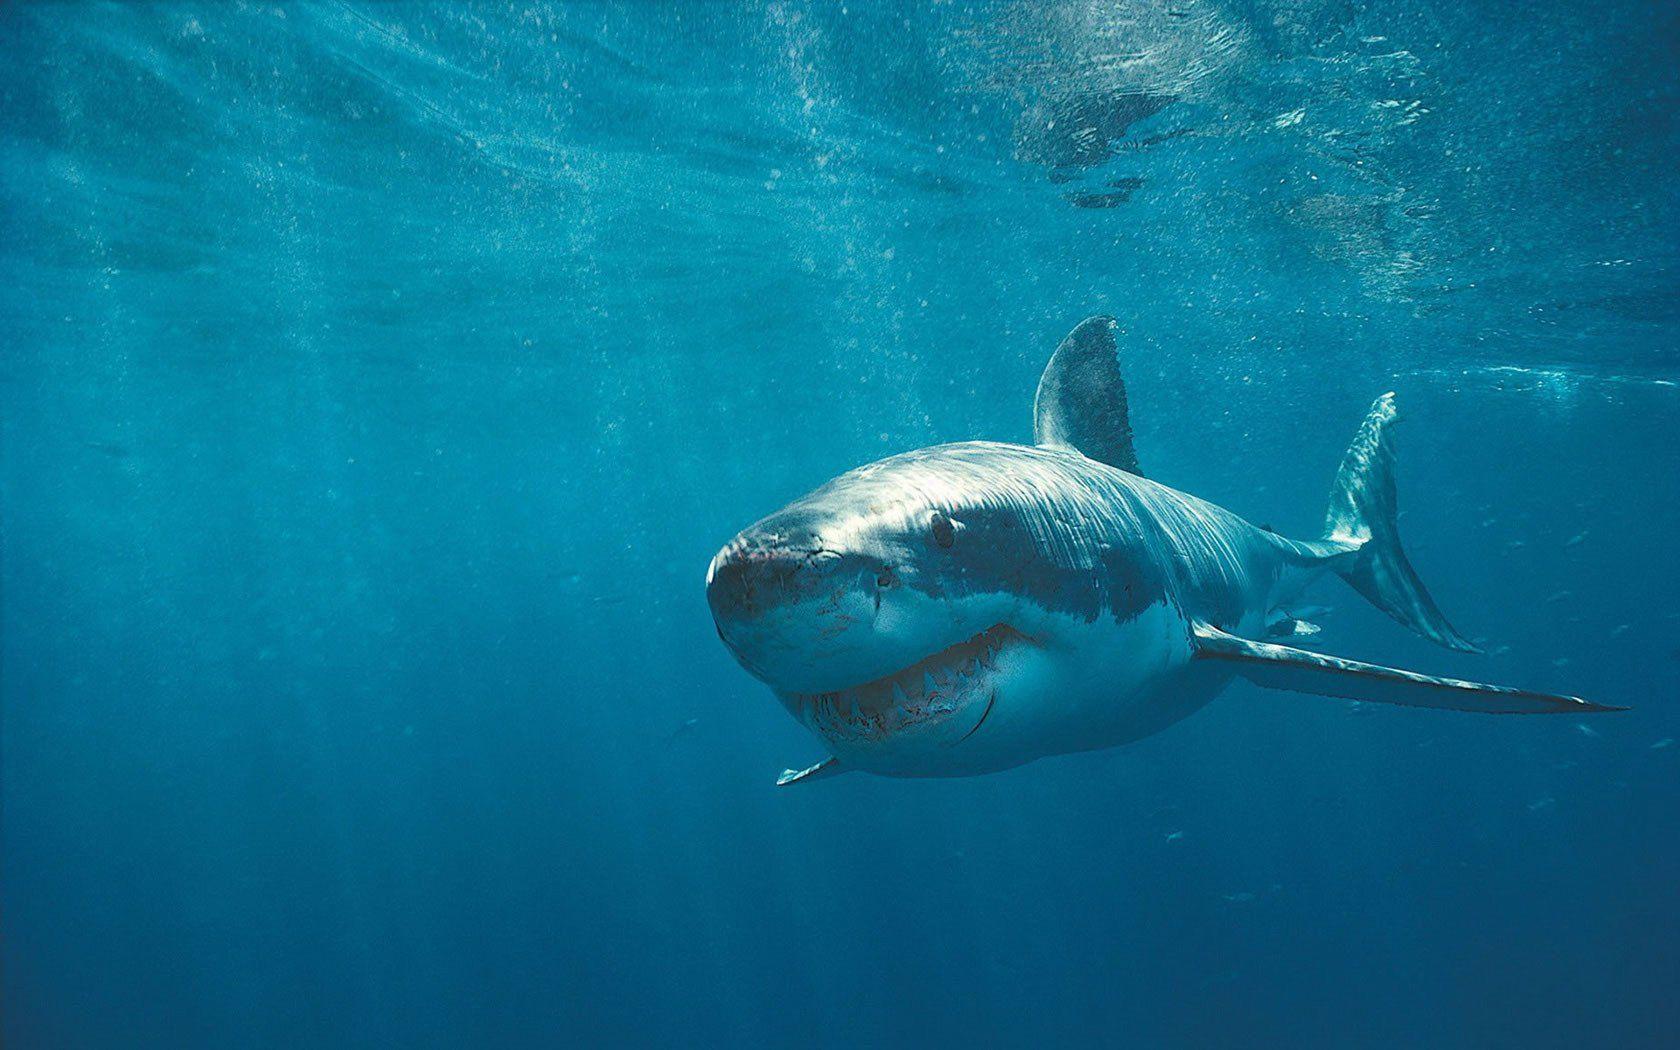 'Shark Attack 3: Megalodon' | Nu Image Films